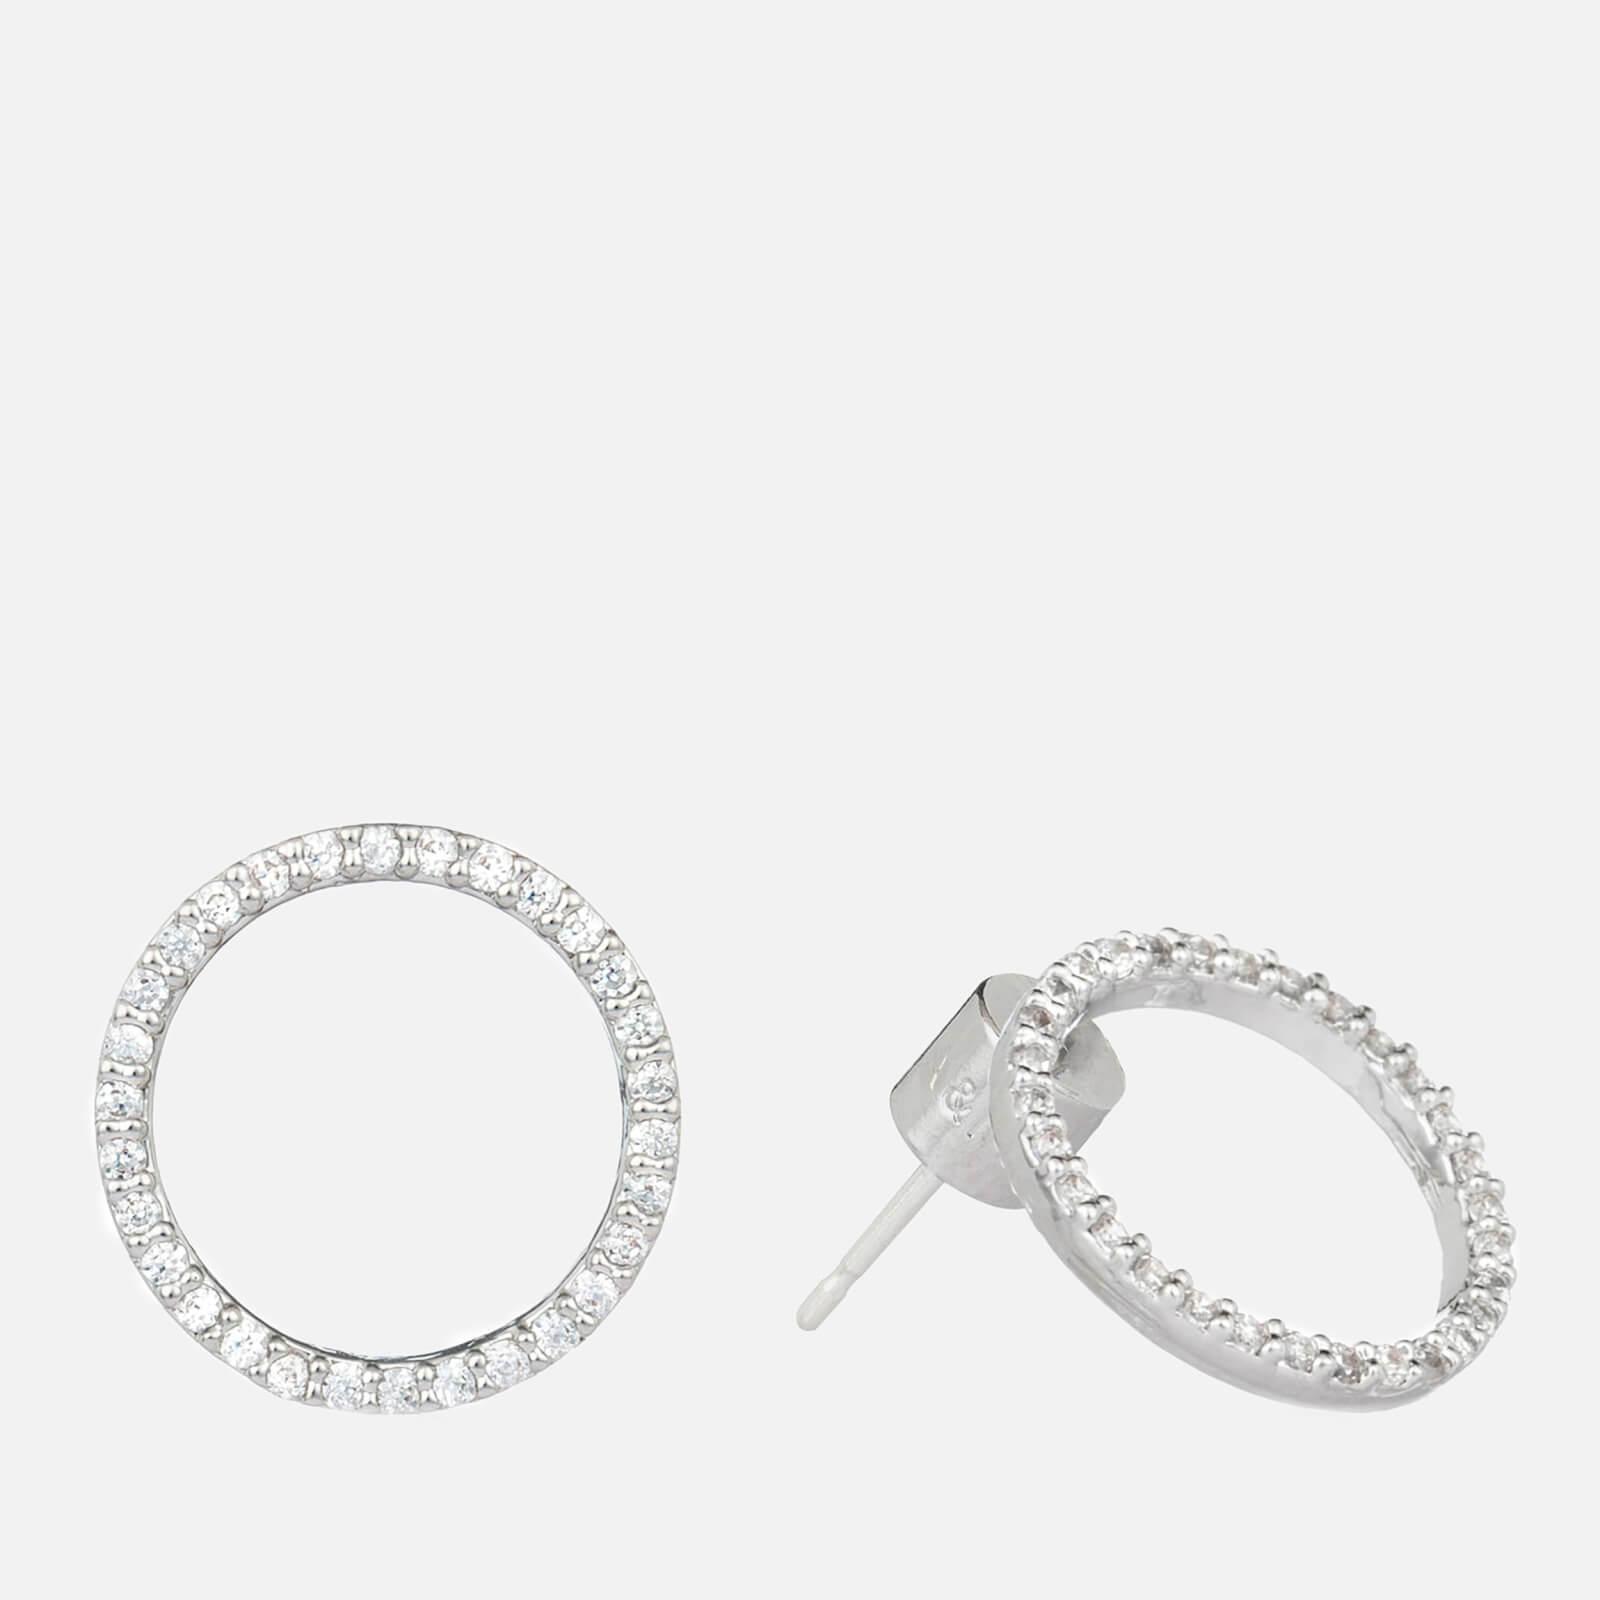 Astrid & Miyu Women's Tuxedo Circle Earrings - Silver